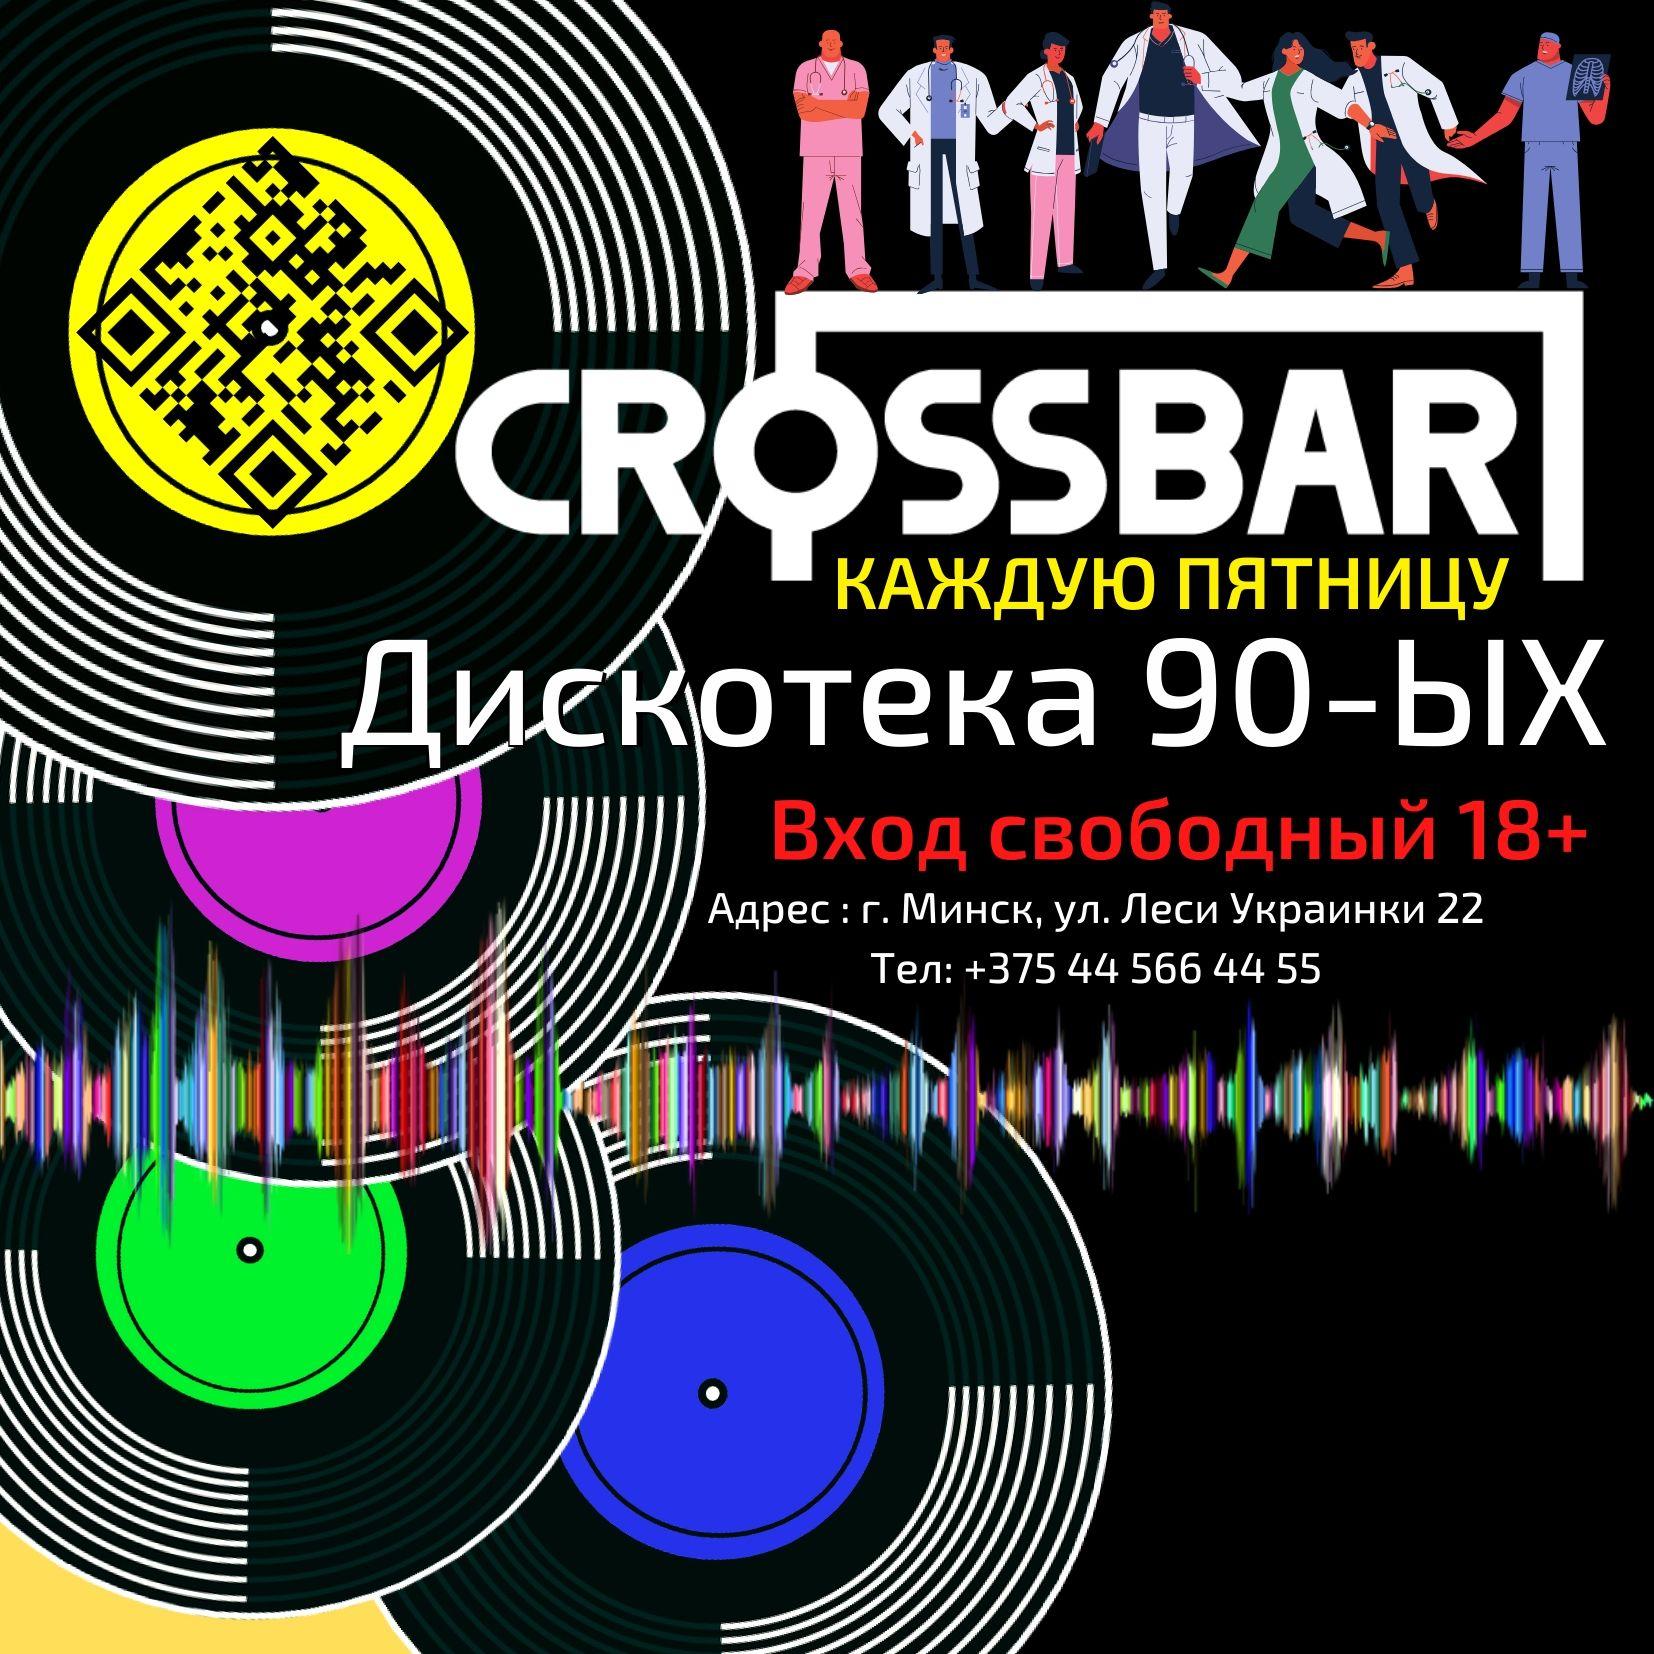 русская дискотека 90 бесплатно CrossBAR Minsk